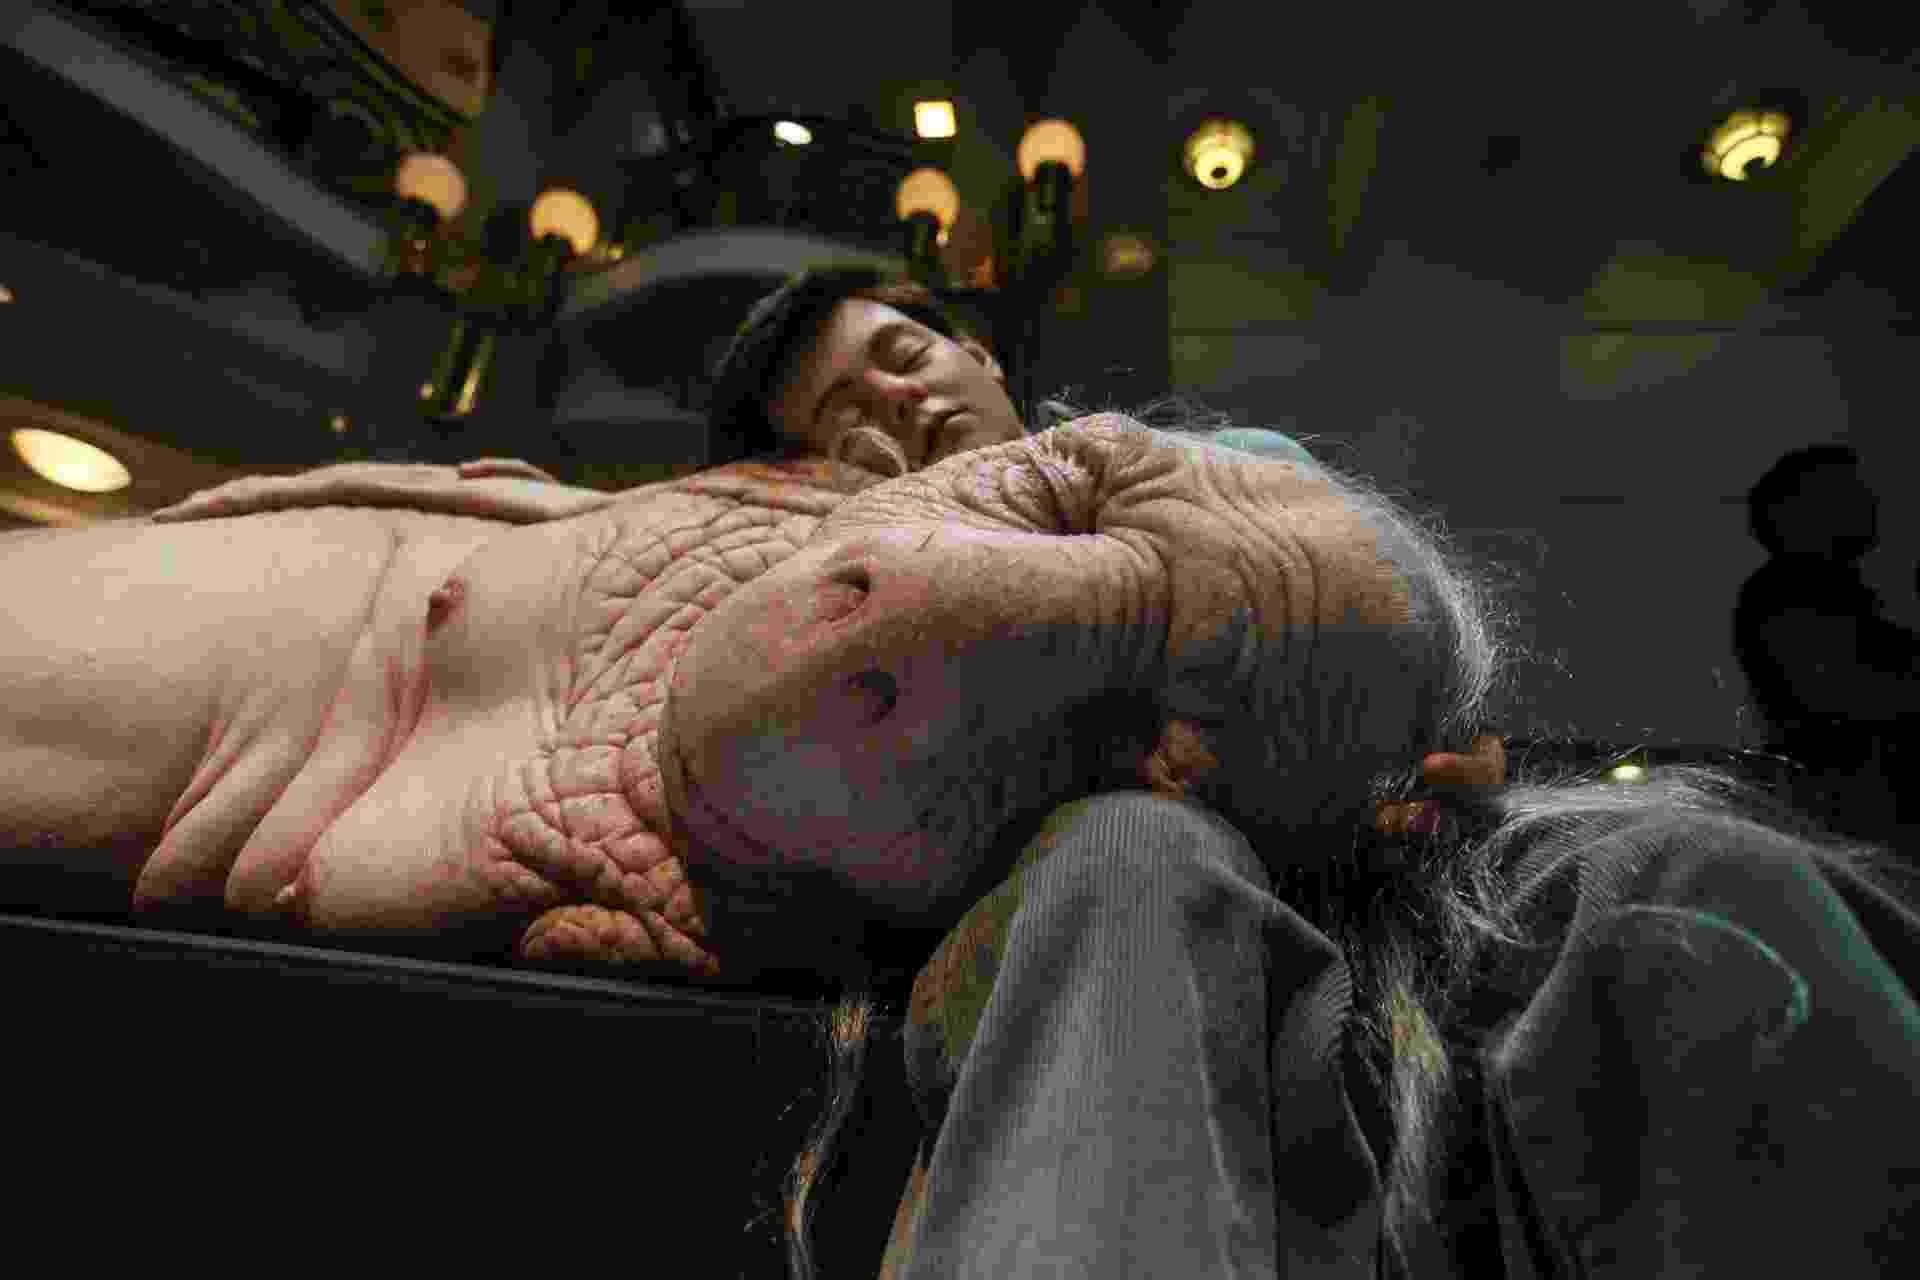 """12.out.2015 - Com criaturas geneticamente modificadas, a mostra """"Com-Ciência"""", de Patricia Piccinini, tem a curadoria de Marcello Dantas e ficará em cartaz até 4 de janeiro de 2016 no CCBB de São Paulo - Leonardo Benassatto/Futura Press"""